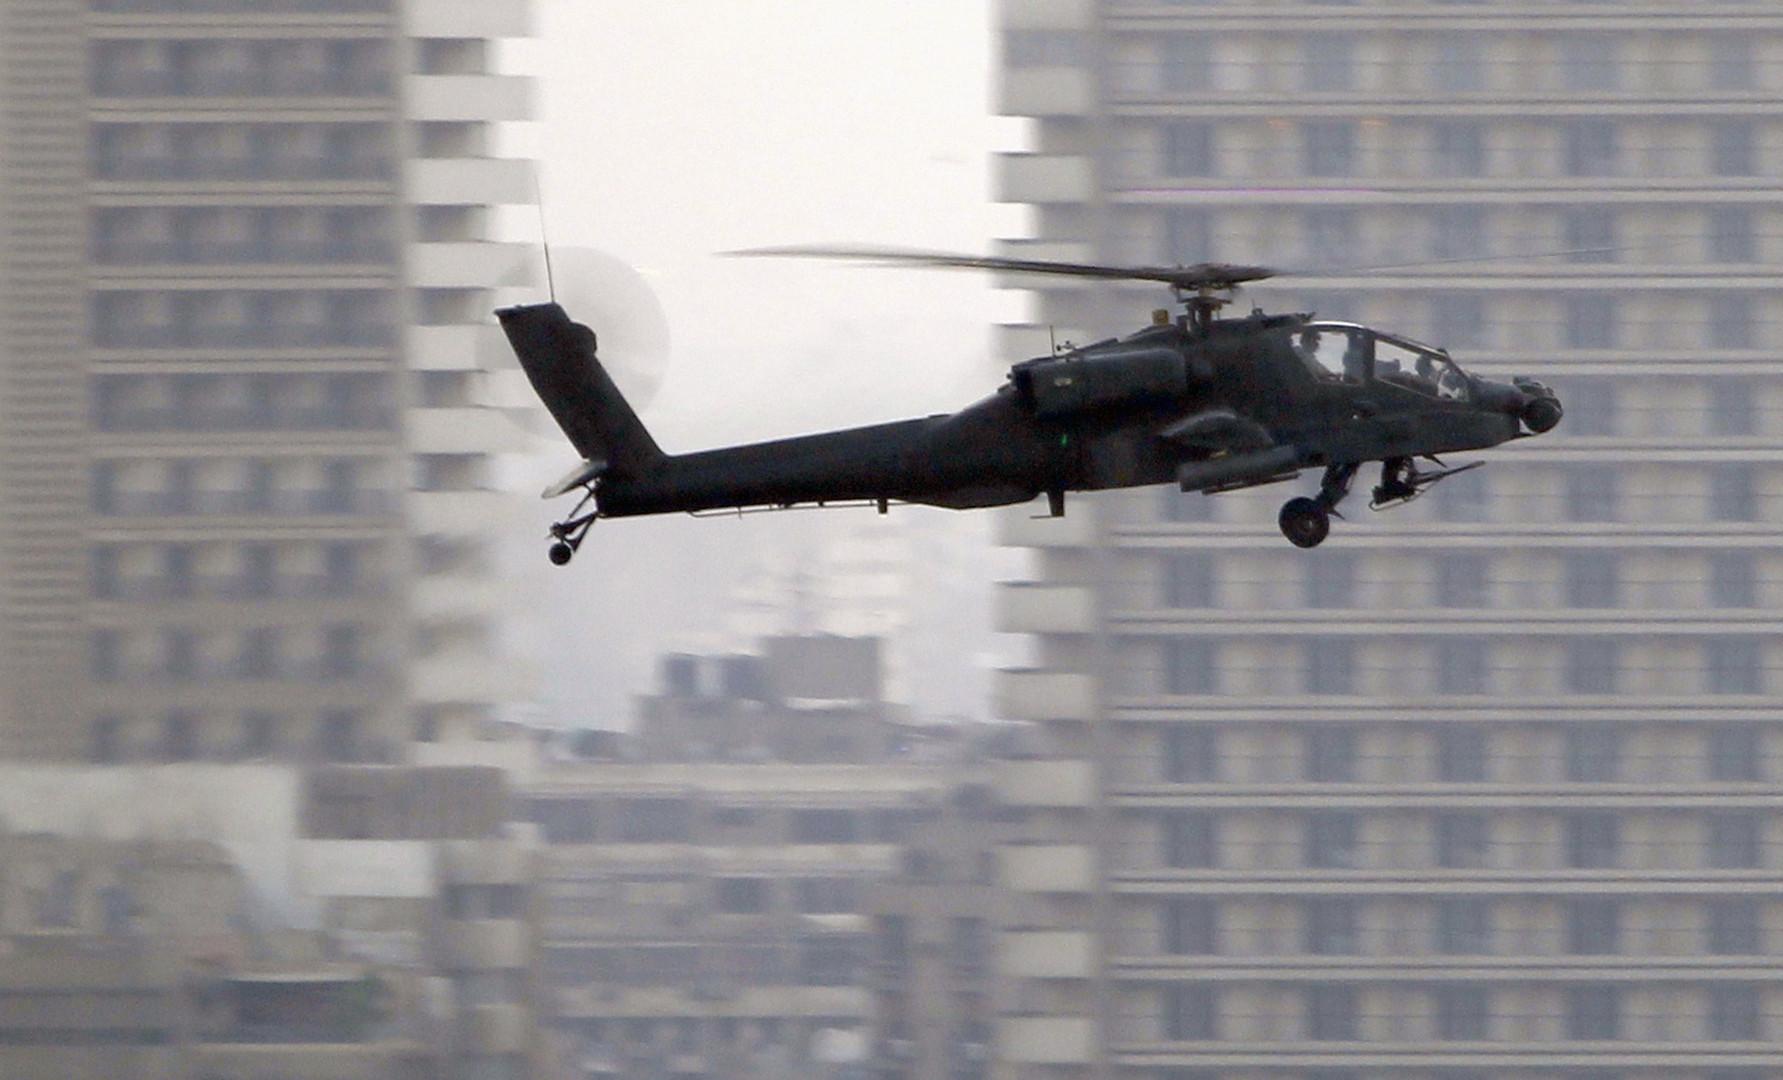 مصر تقوم بتحديث ترسانتها العسكرية بدعم خليجي ومساندة دول عظمى